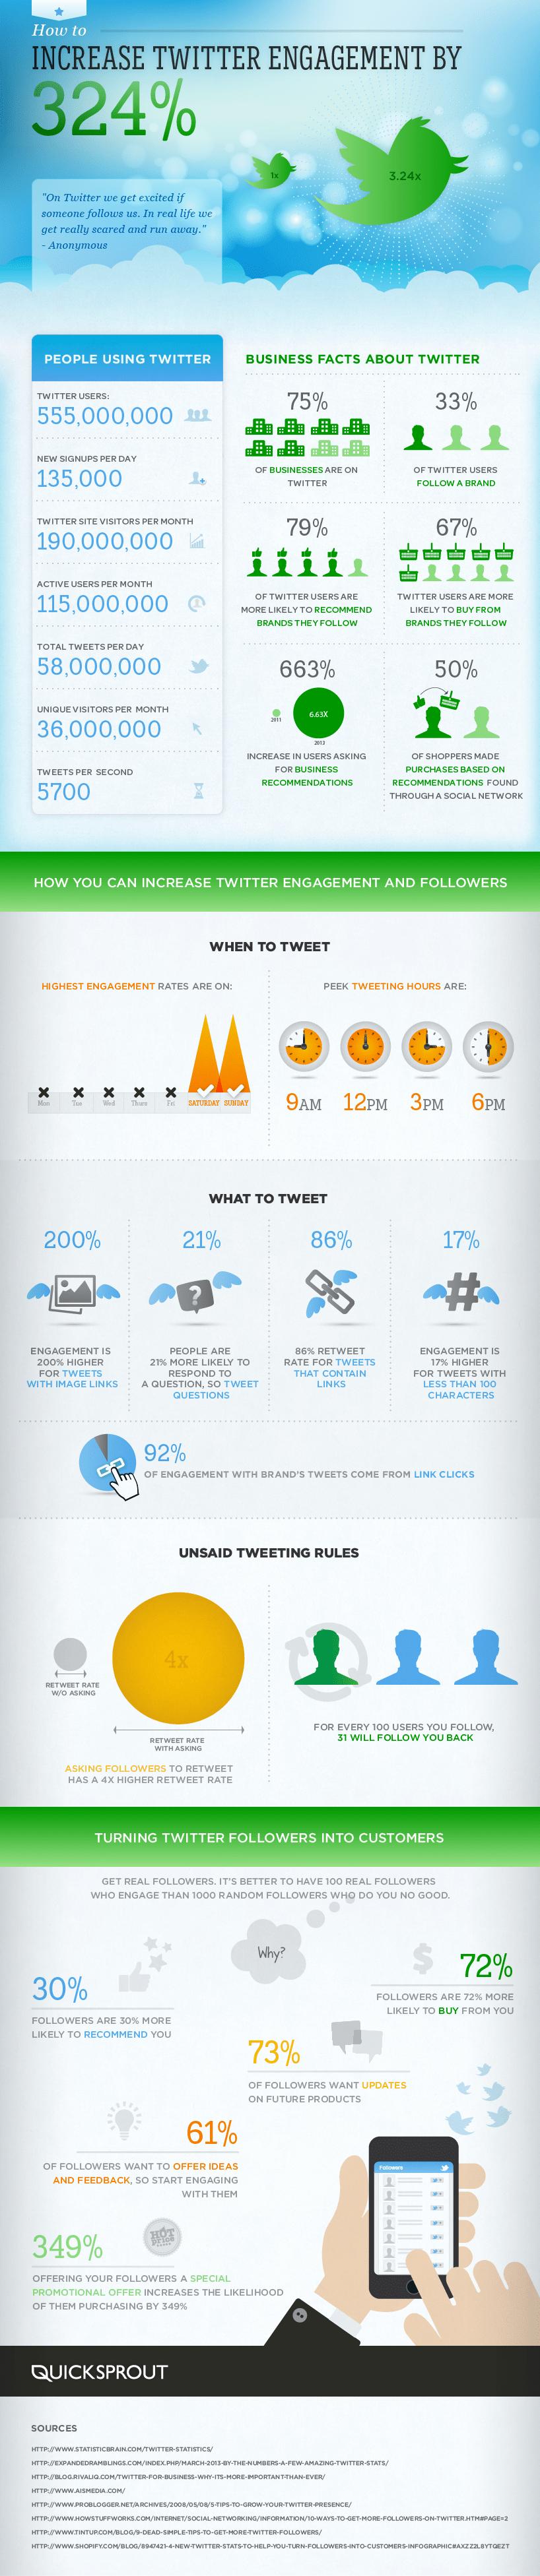 Cómo mejorar un 324% tu engagement en Twitter